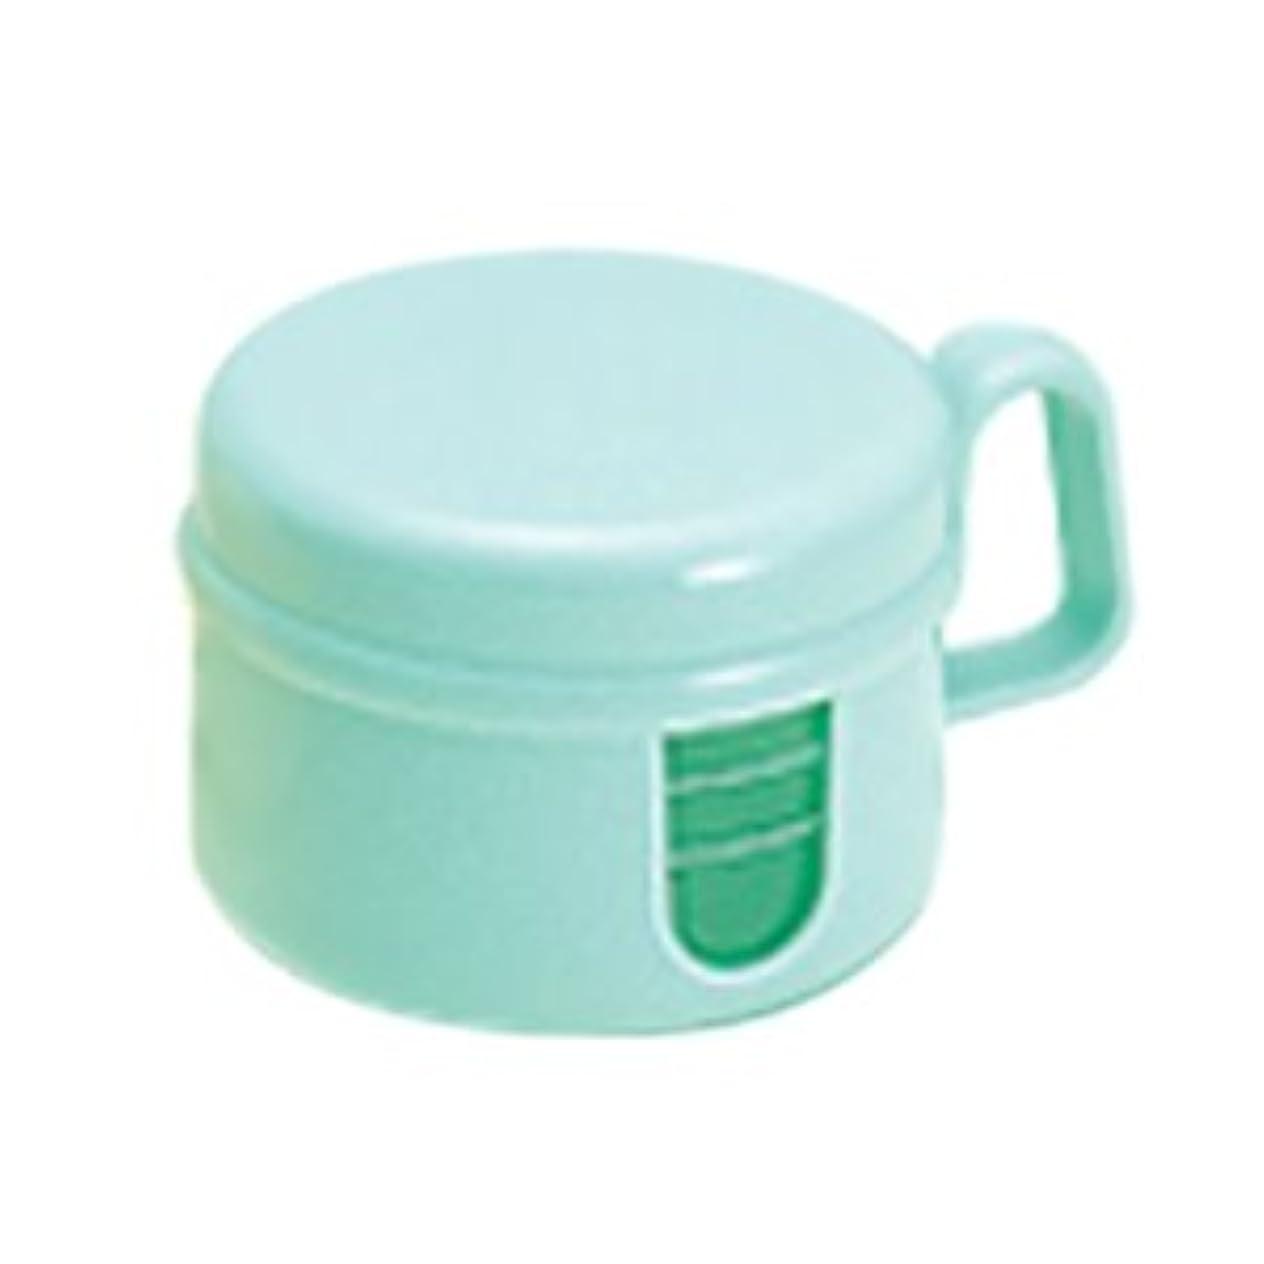 ビート哺乳類基本的な松風 ピカ 入れ歯 洗浄保存容器 グリーン